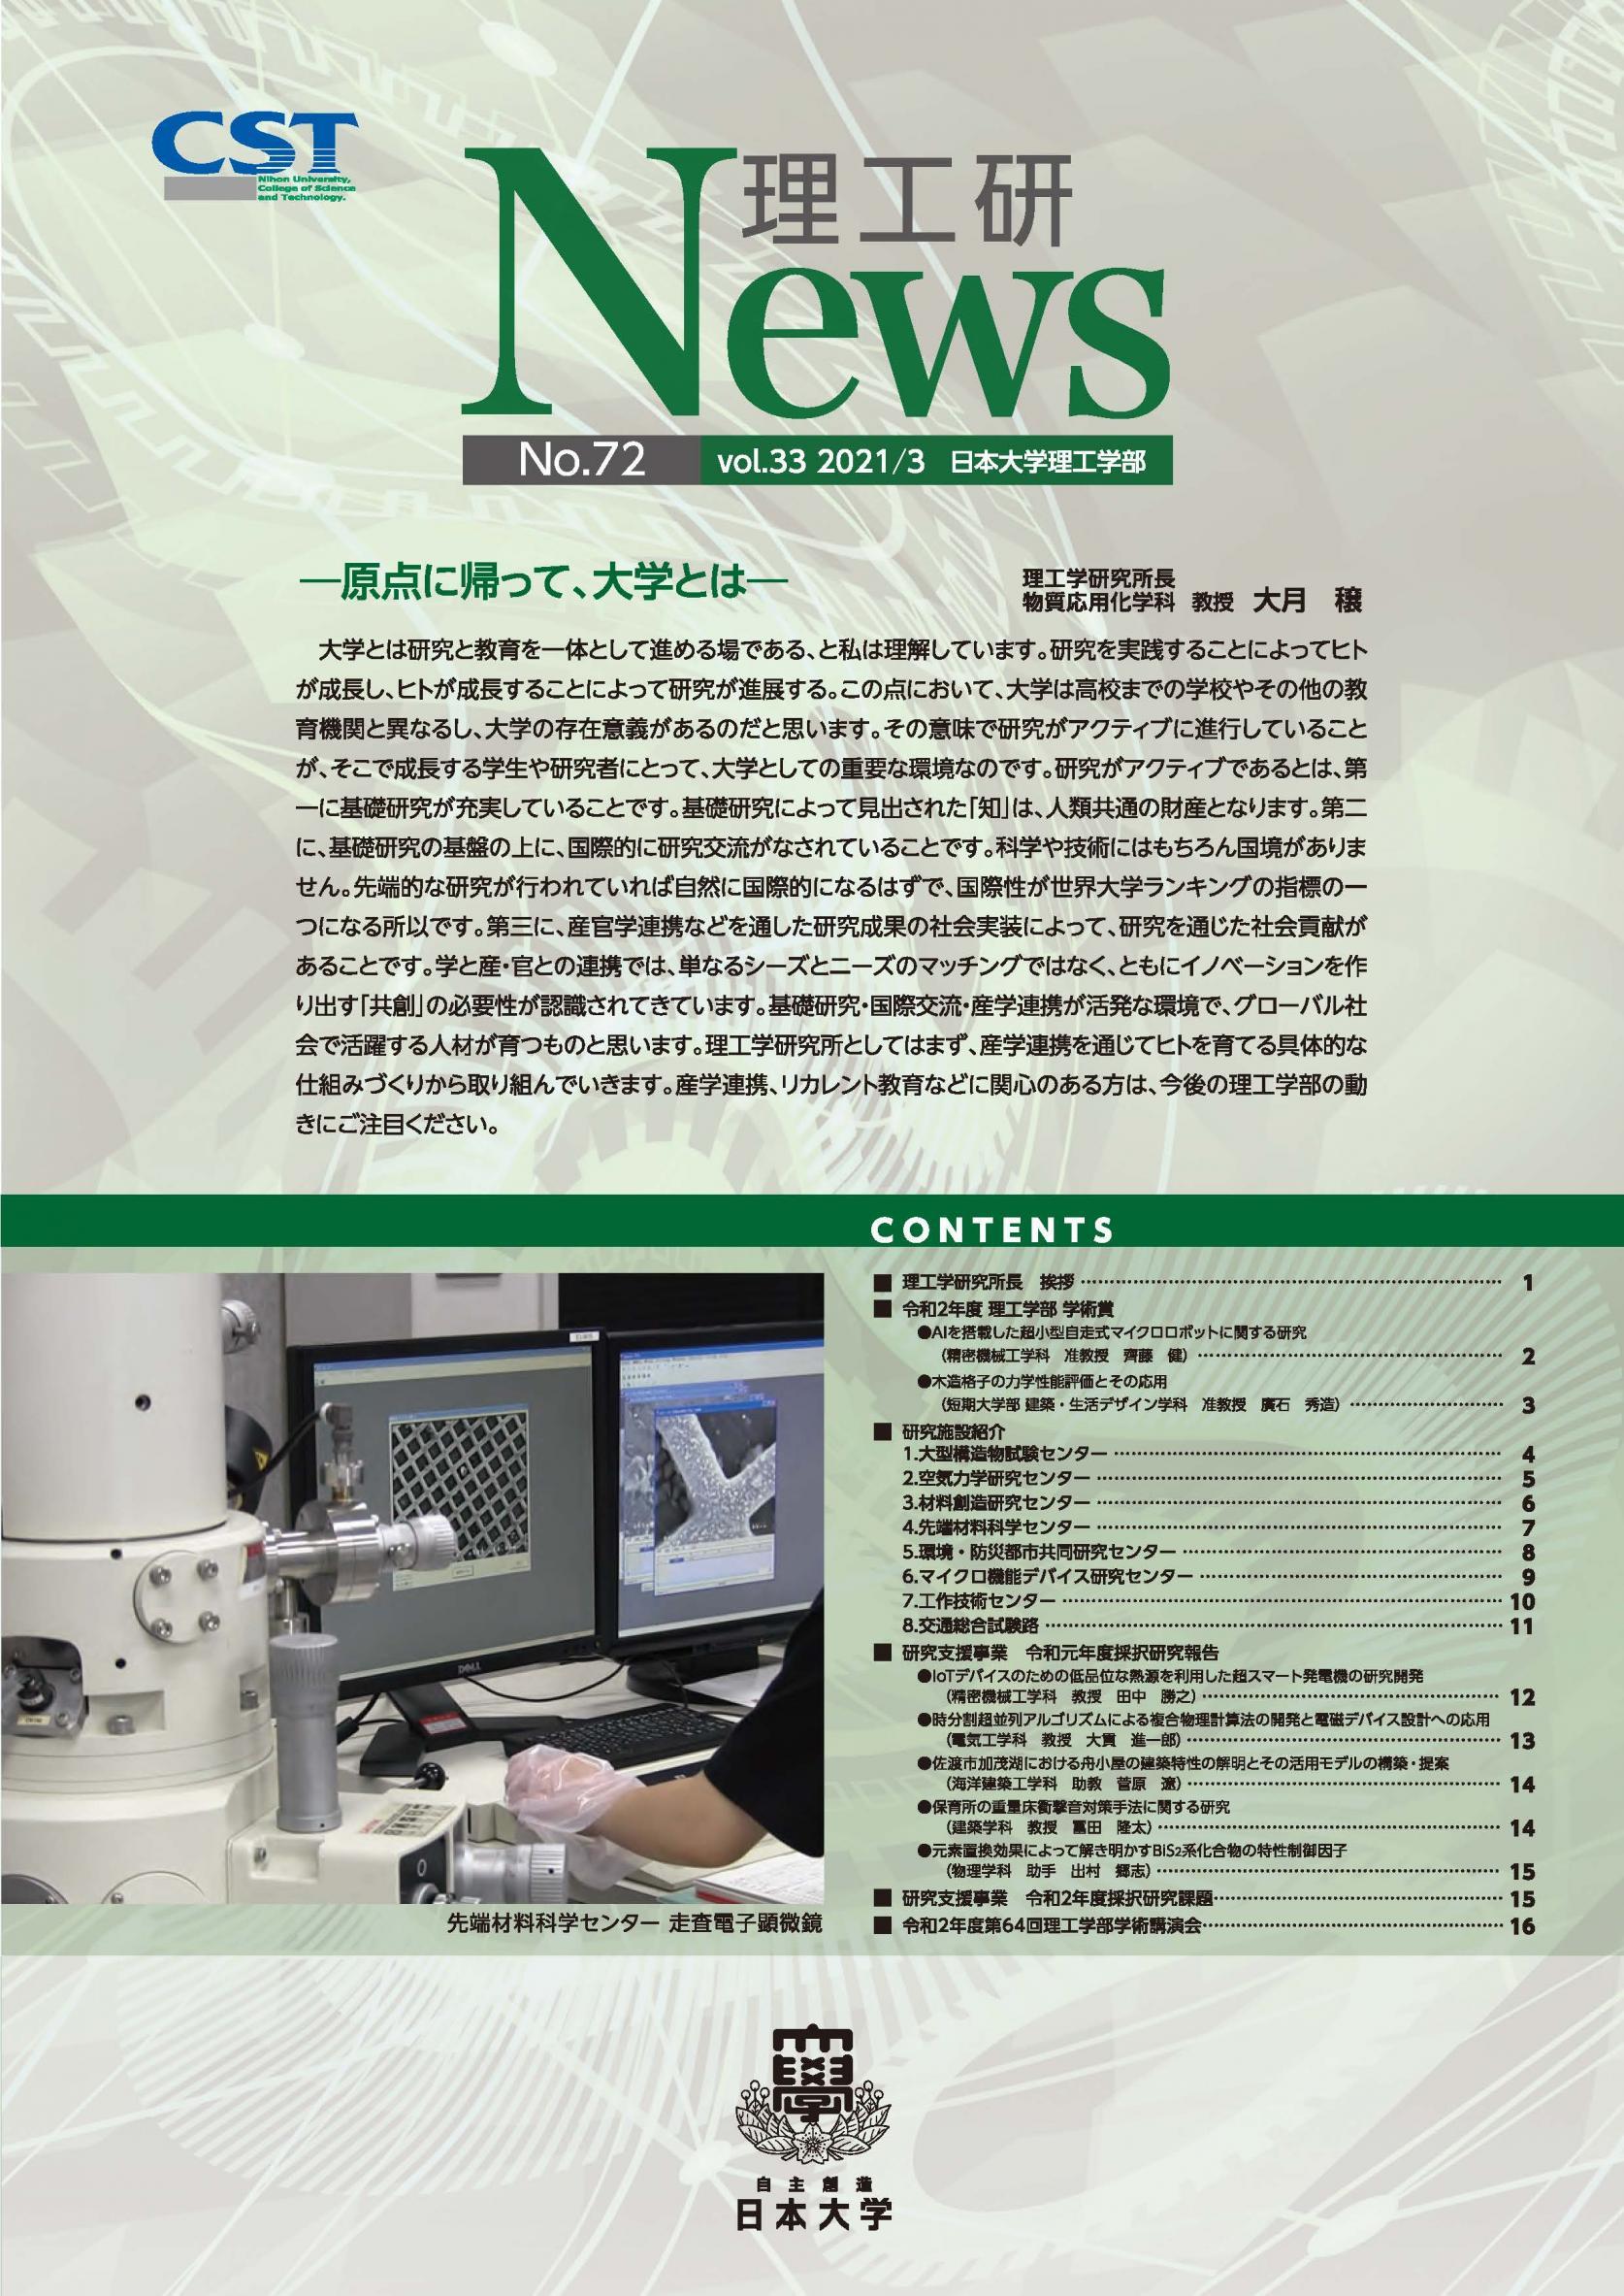 理工研News №72を公開しました。